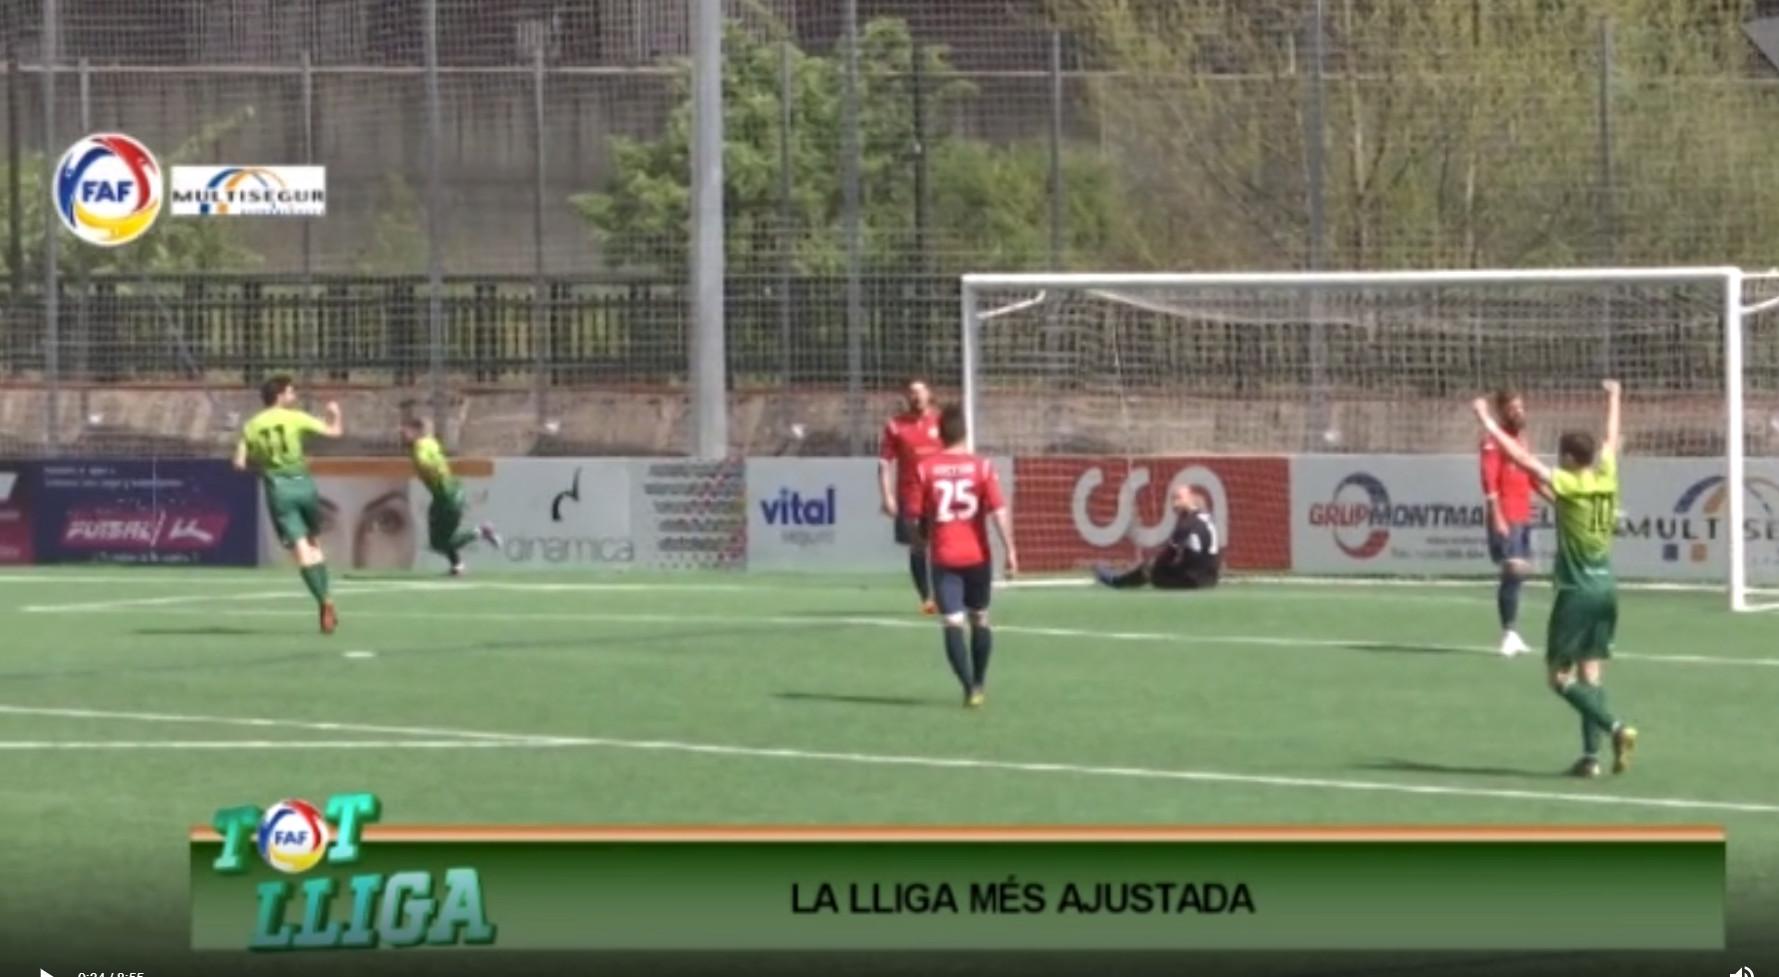 Tot Lliga - 02 de maig del 2019